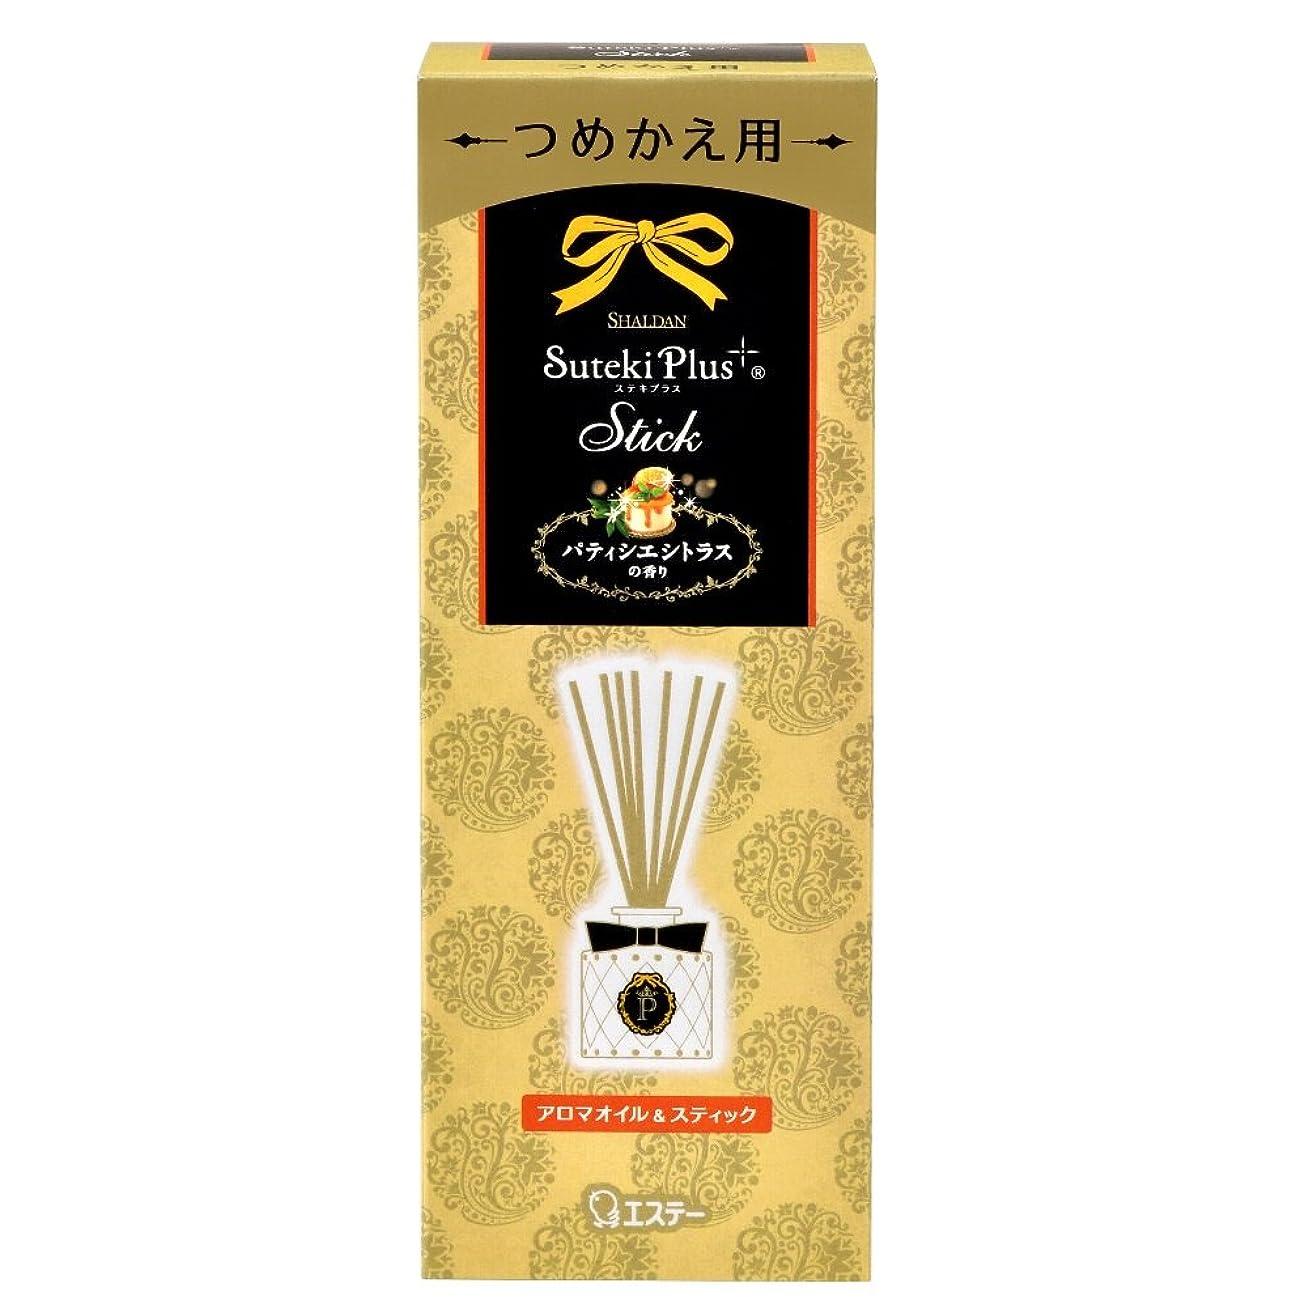 受粉する擬人化知的シャルダン ステキプラス スティック 消臭芳香剤 部屋用 つめかえ パティシエシトラスの香り 45ml